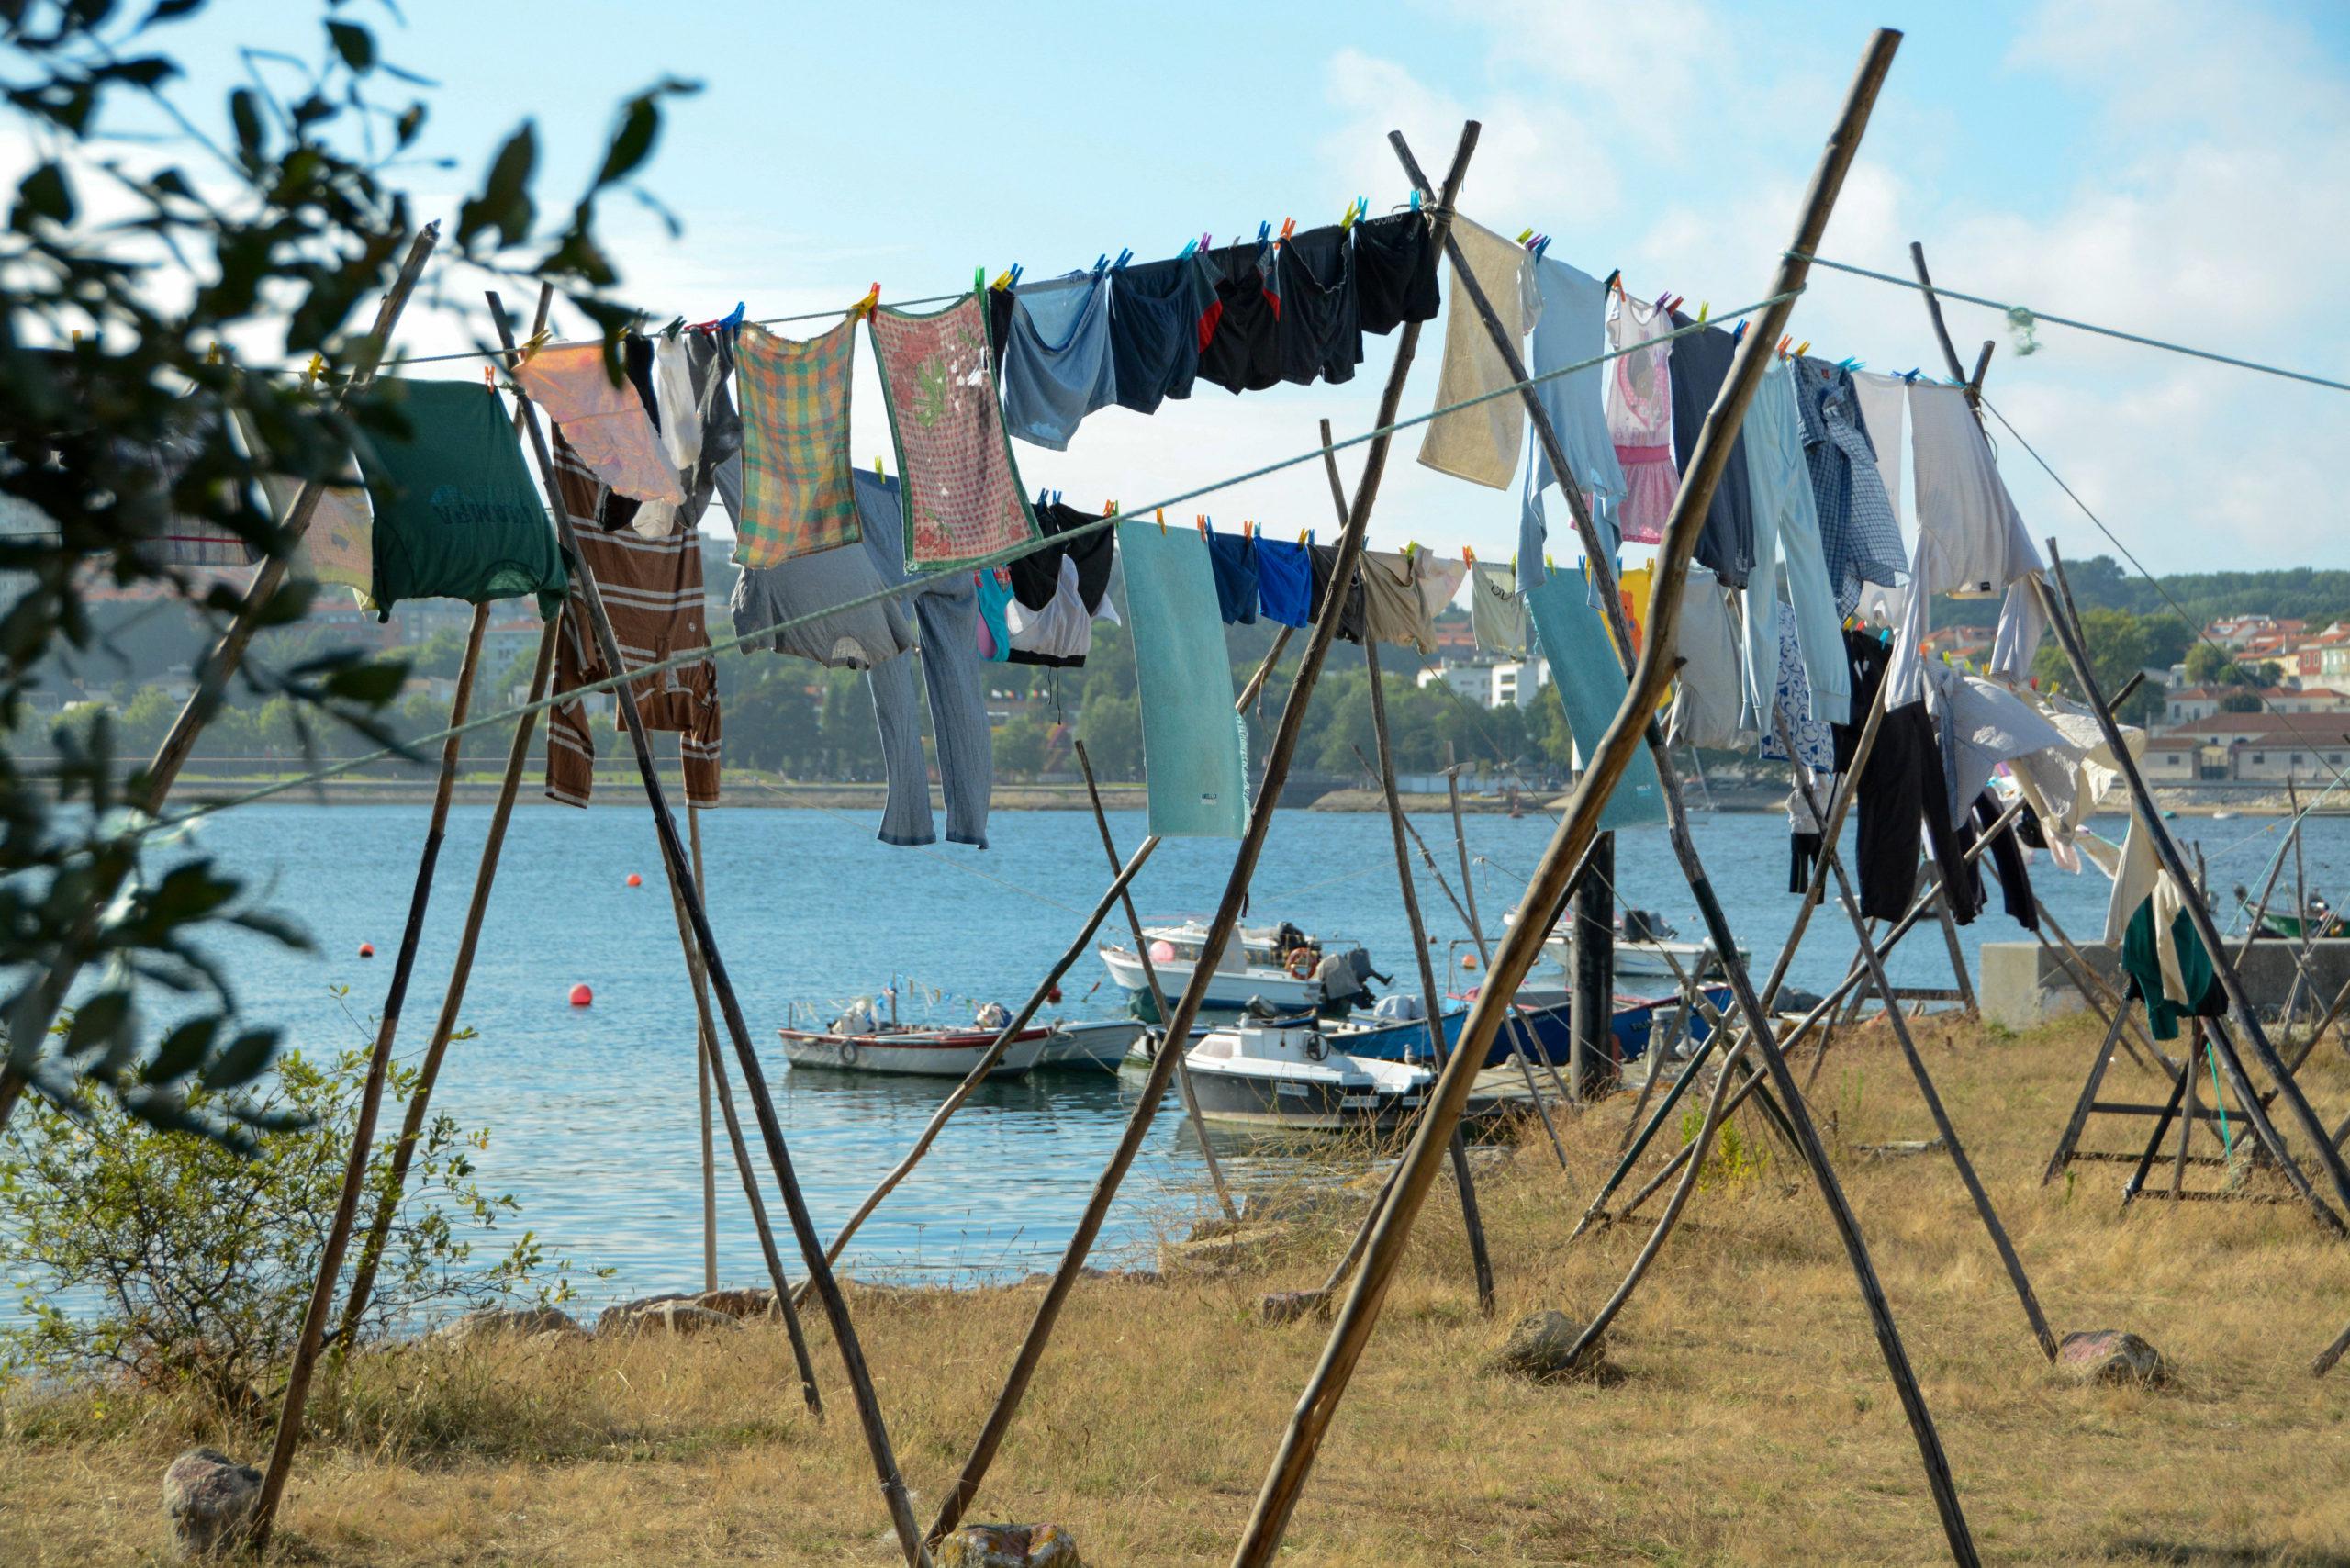 Wäsche hängt zum Trocknen an einer Leine in Arufada